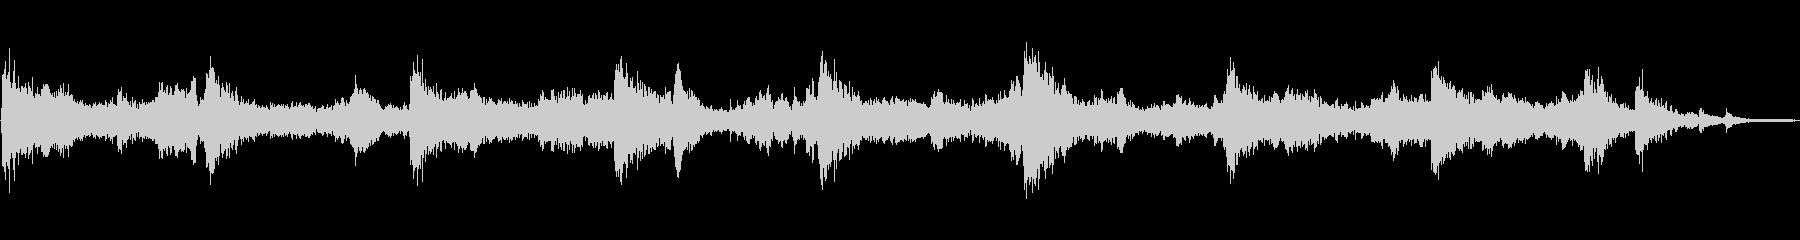 ピアノとシンセのシネマティックなジングルの未再生の波形